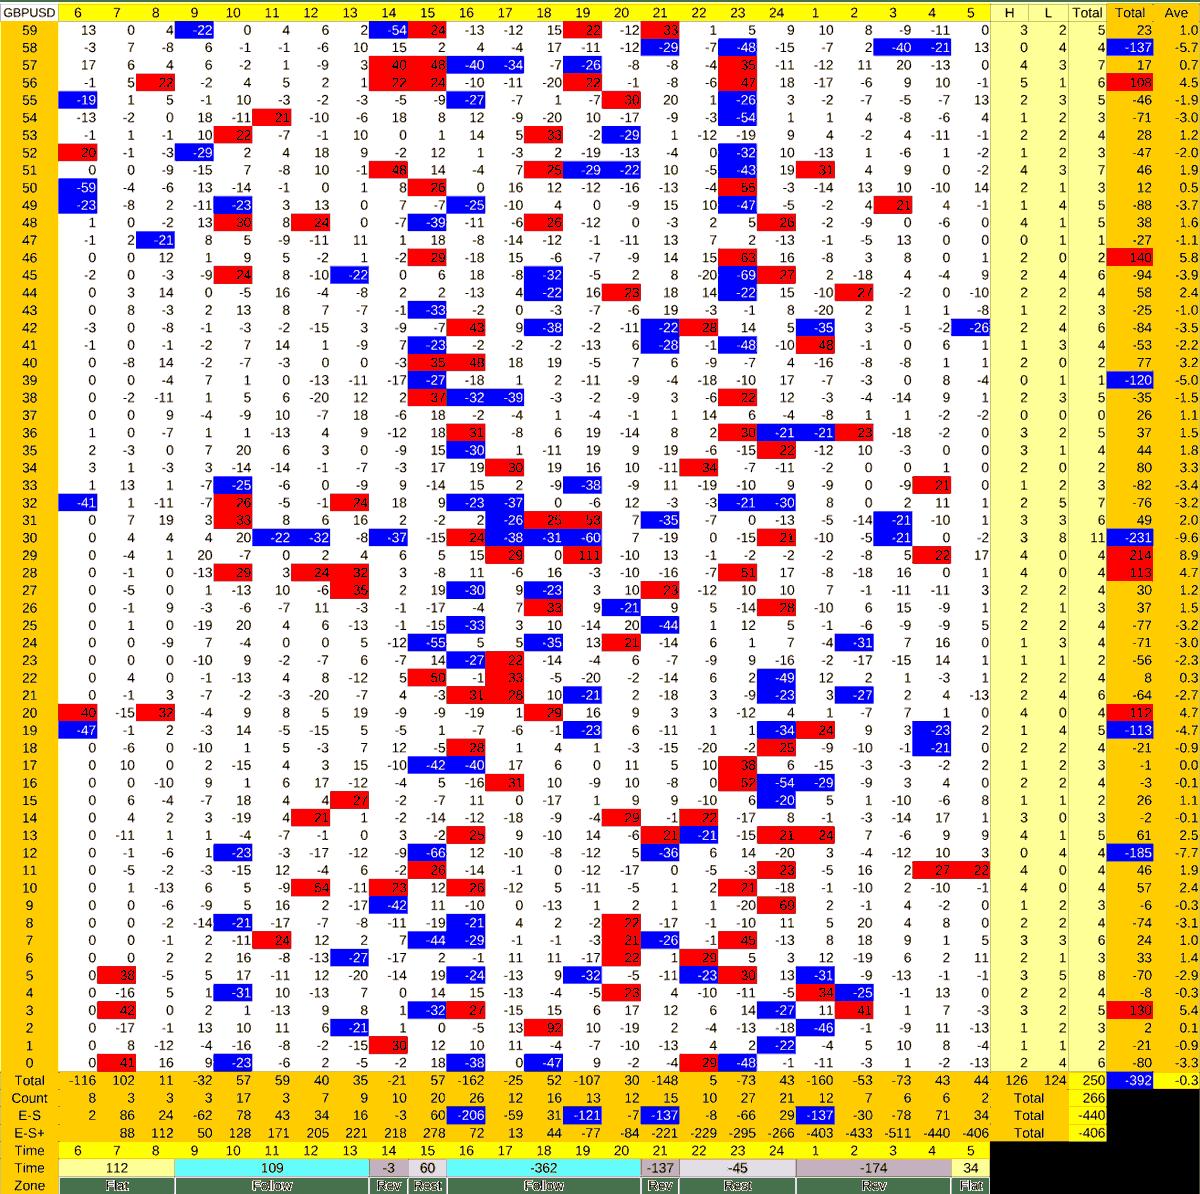 20210420_HS(2)GBPUSD